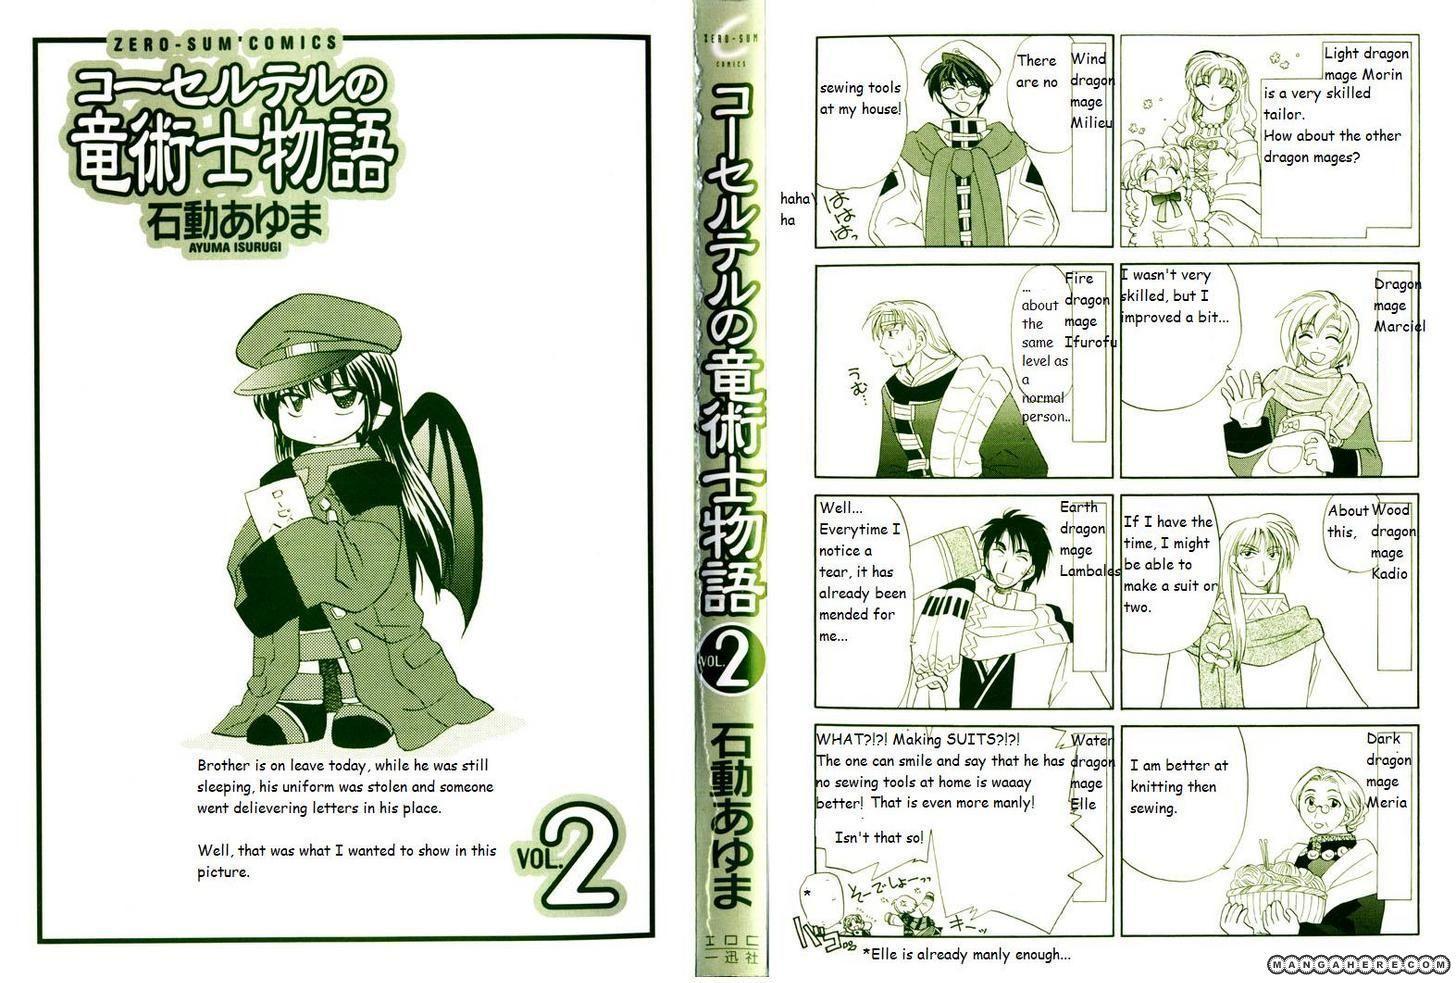 Corseltel No Ryuujitsushi Monogatari 8 Page 2